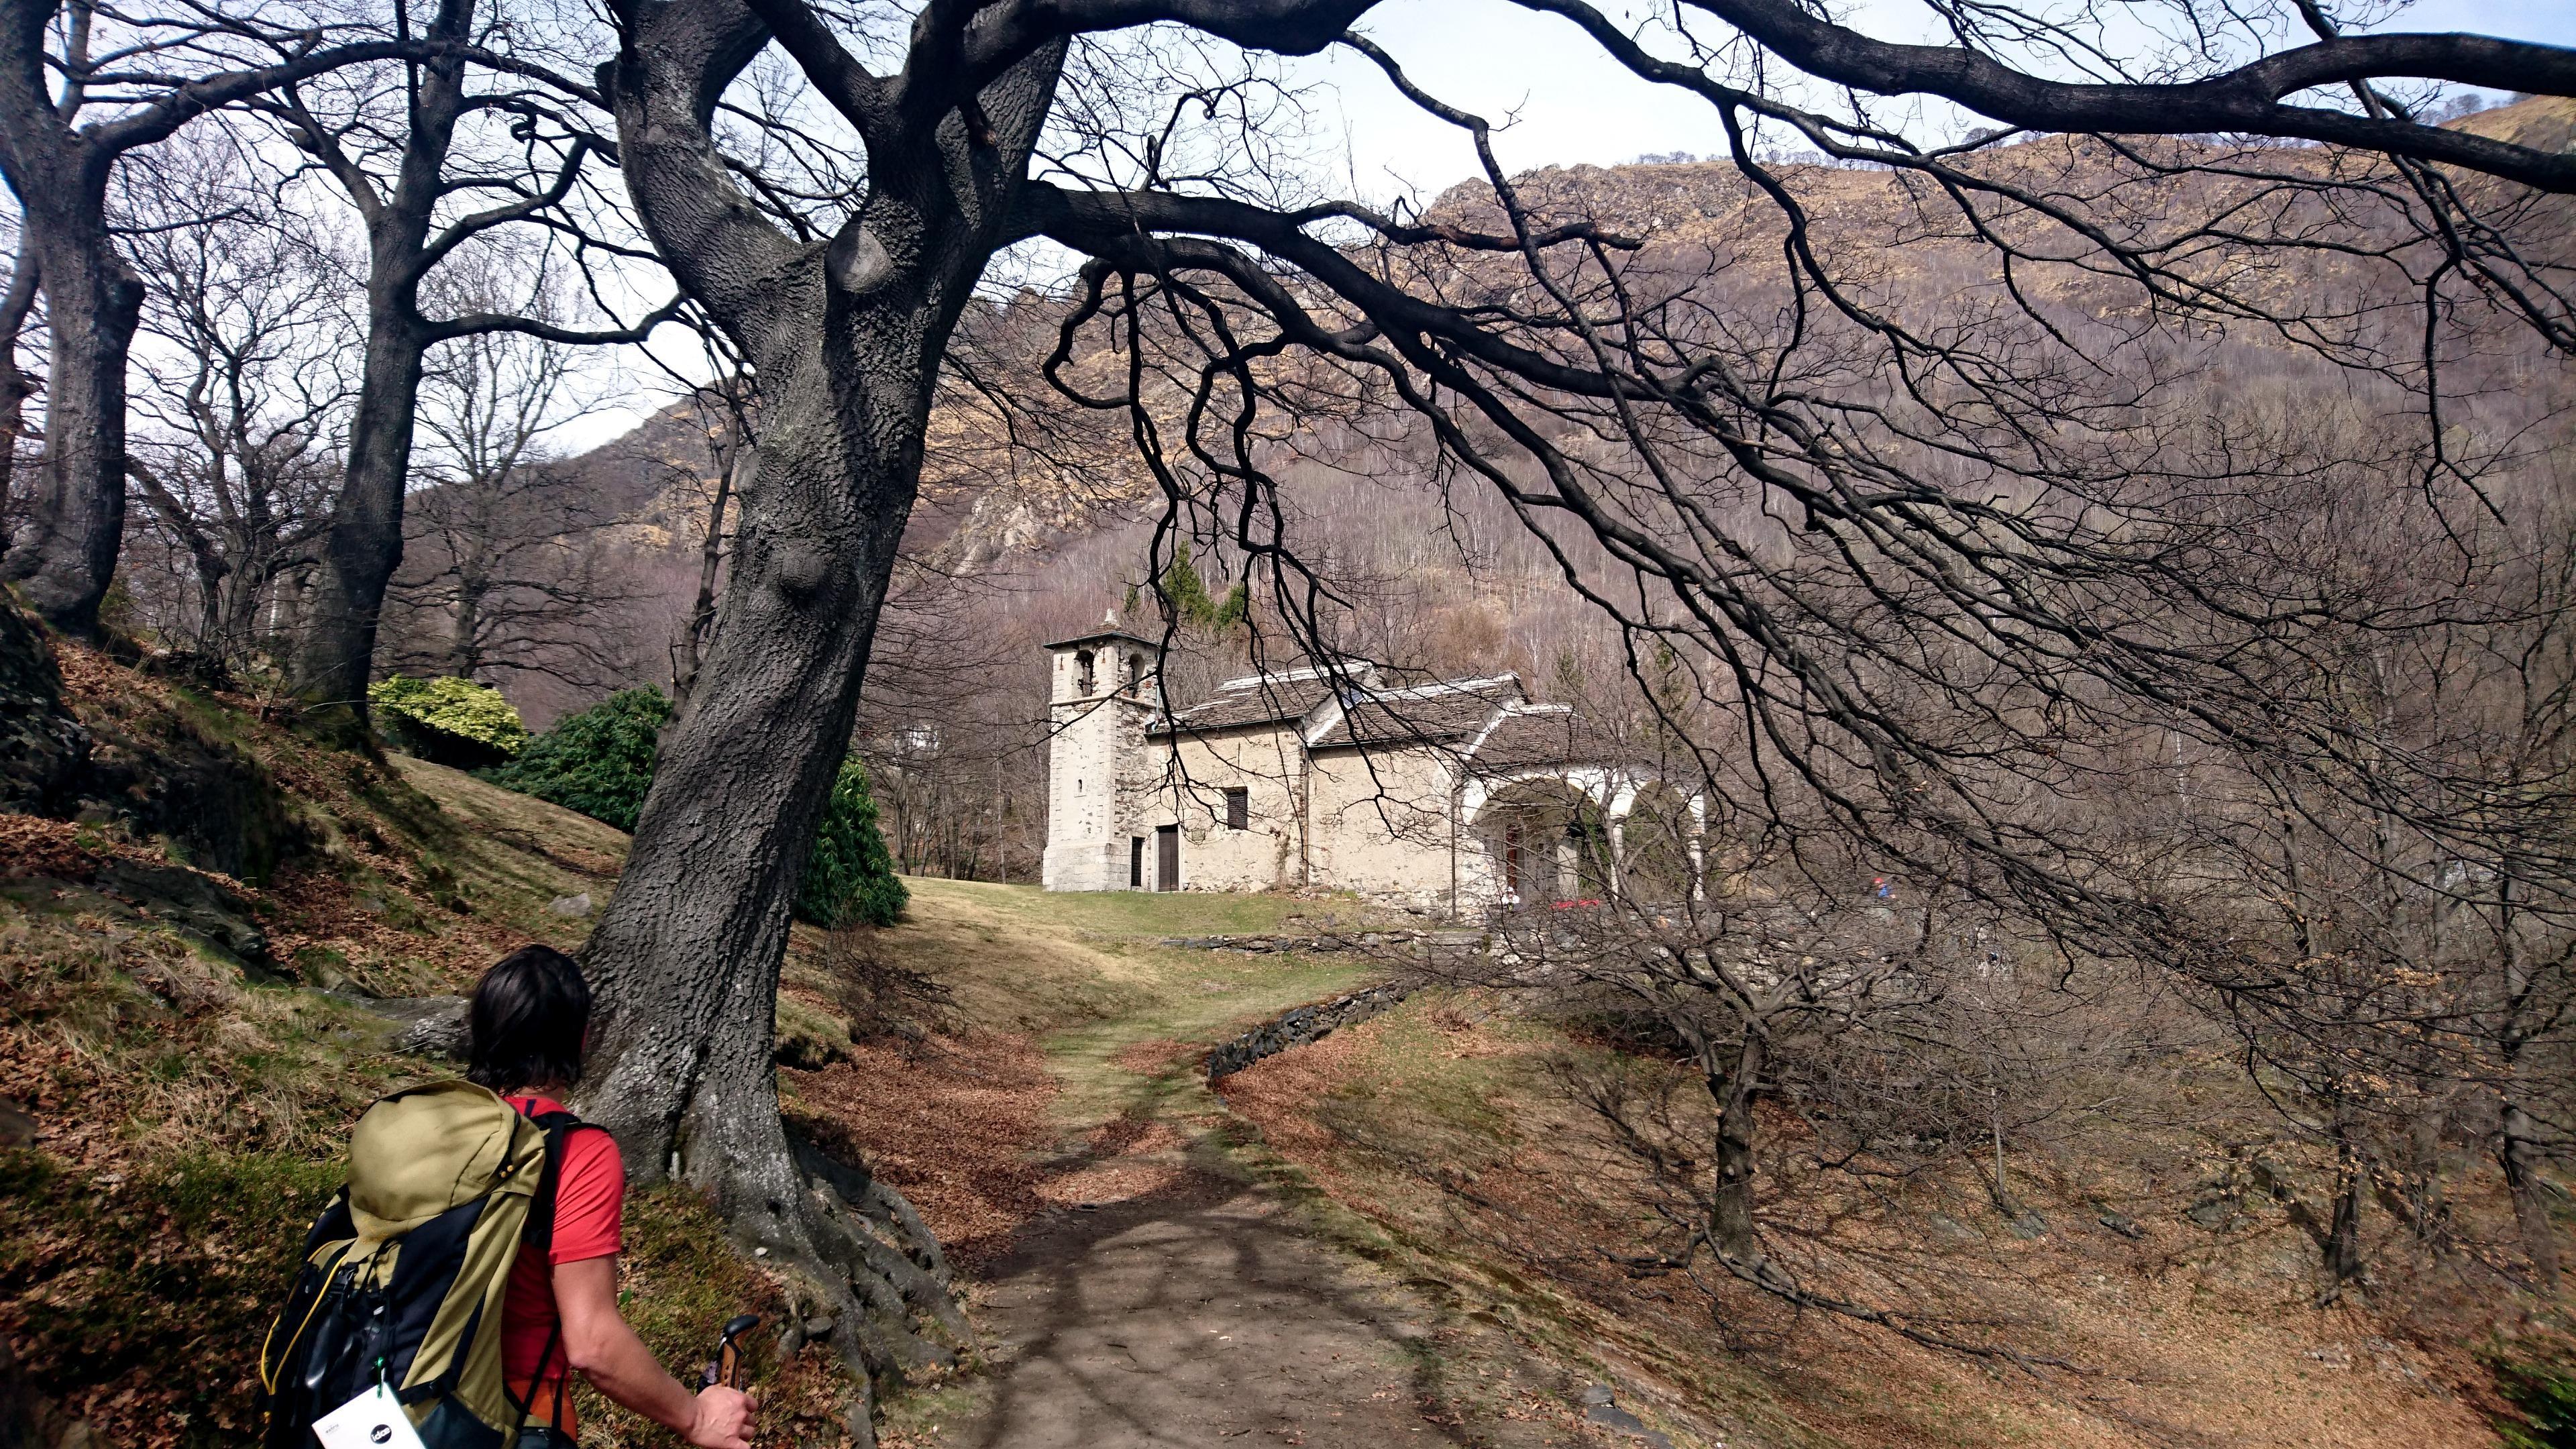 avvistiamo l'Eremo, che sorge su un'Alpe curatissima, con prati all'inglese, grandi alberi perfettamente potati e rododentri purtroppo non ancora fioriti. Un luogo fiabesco.